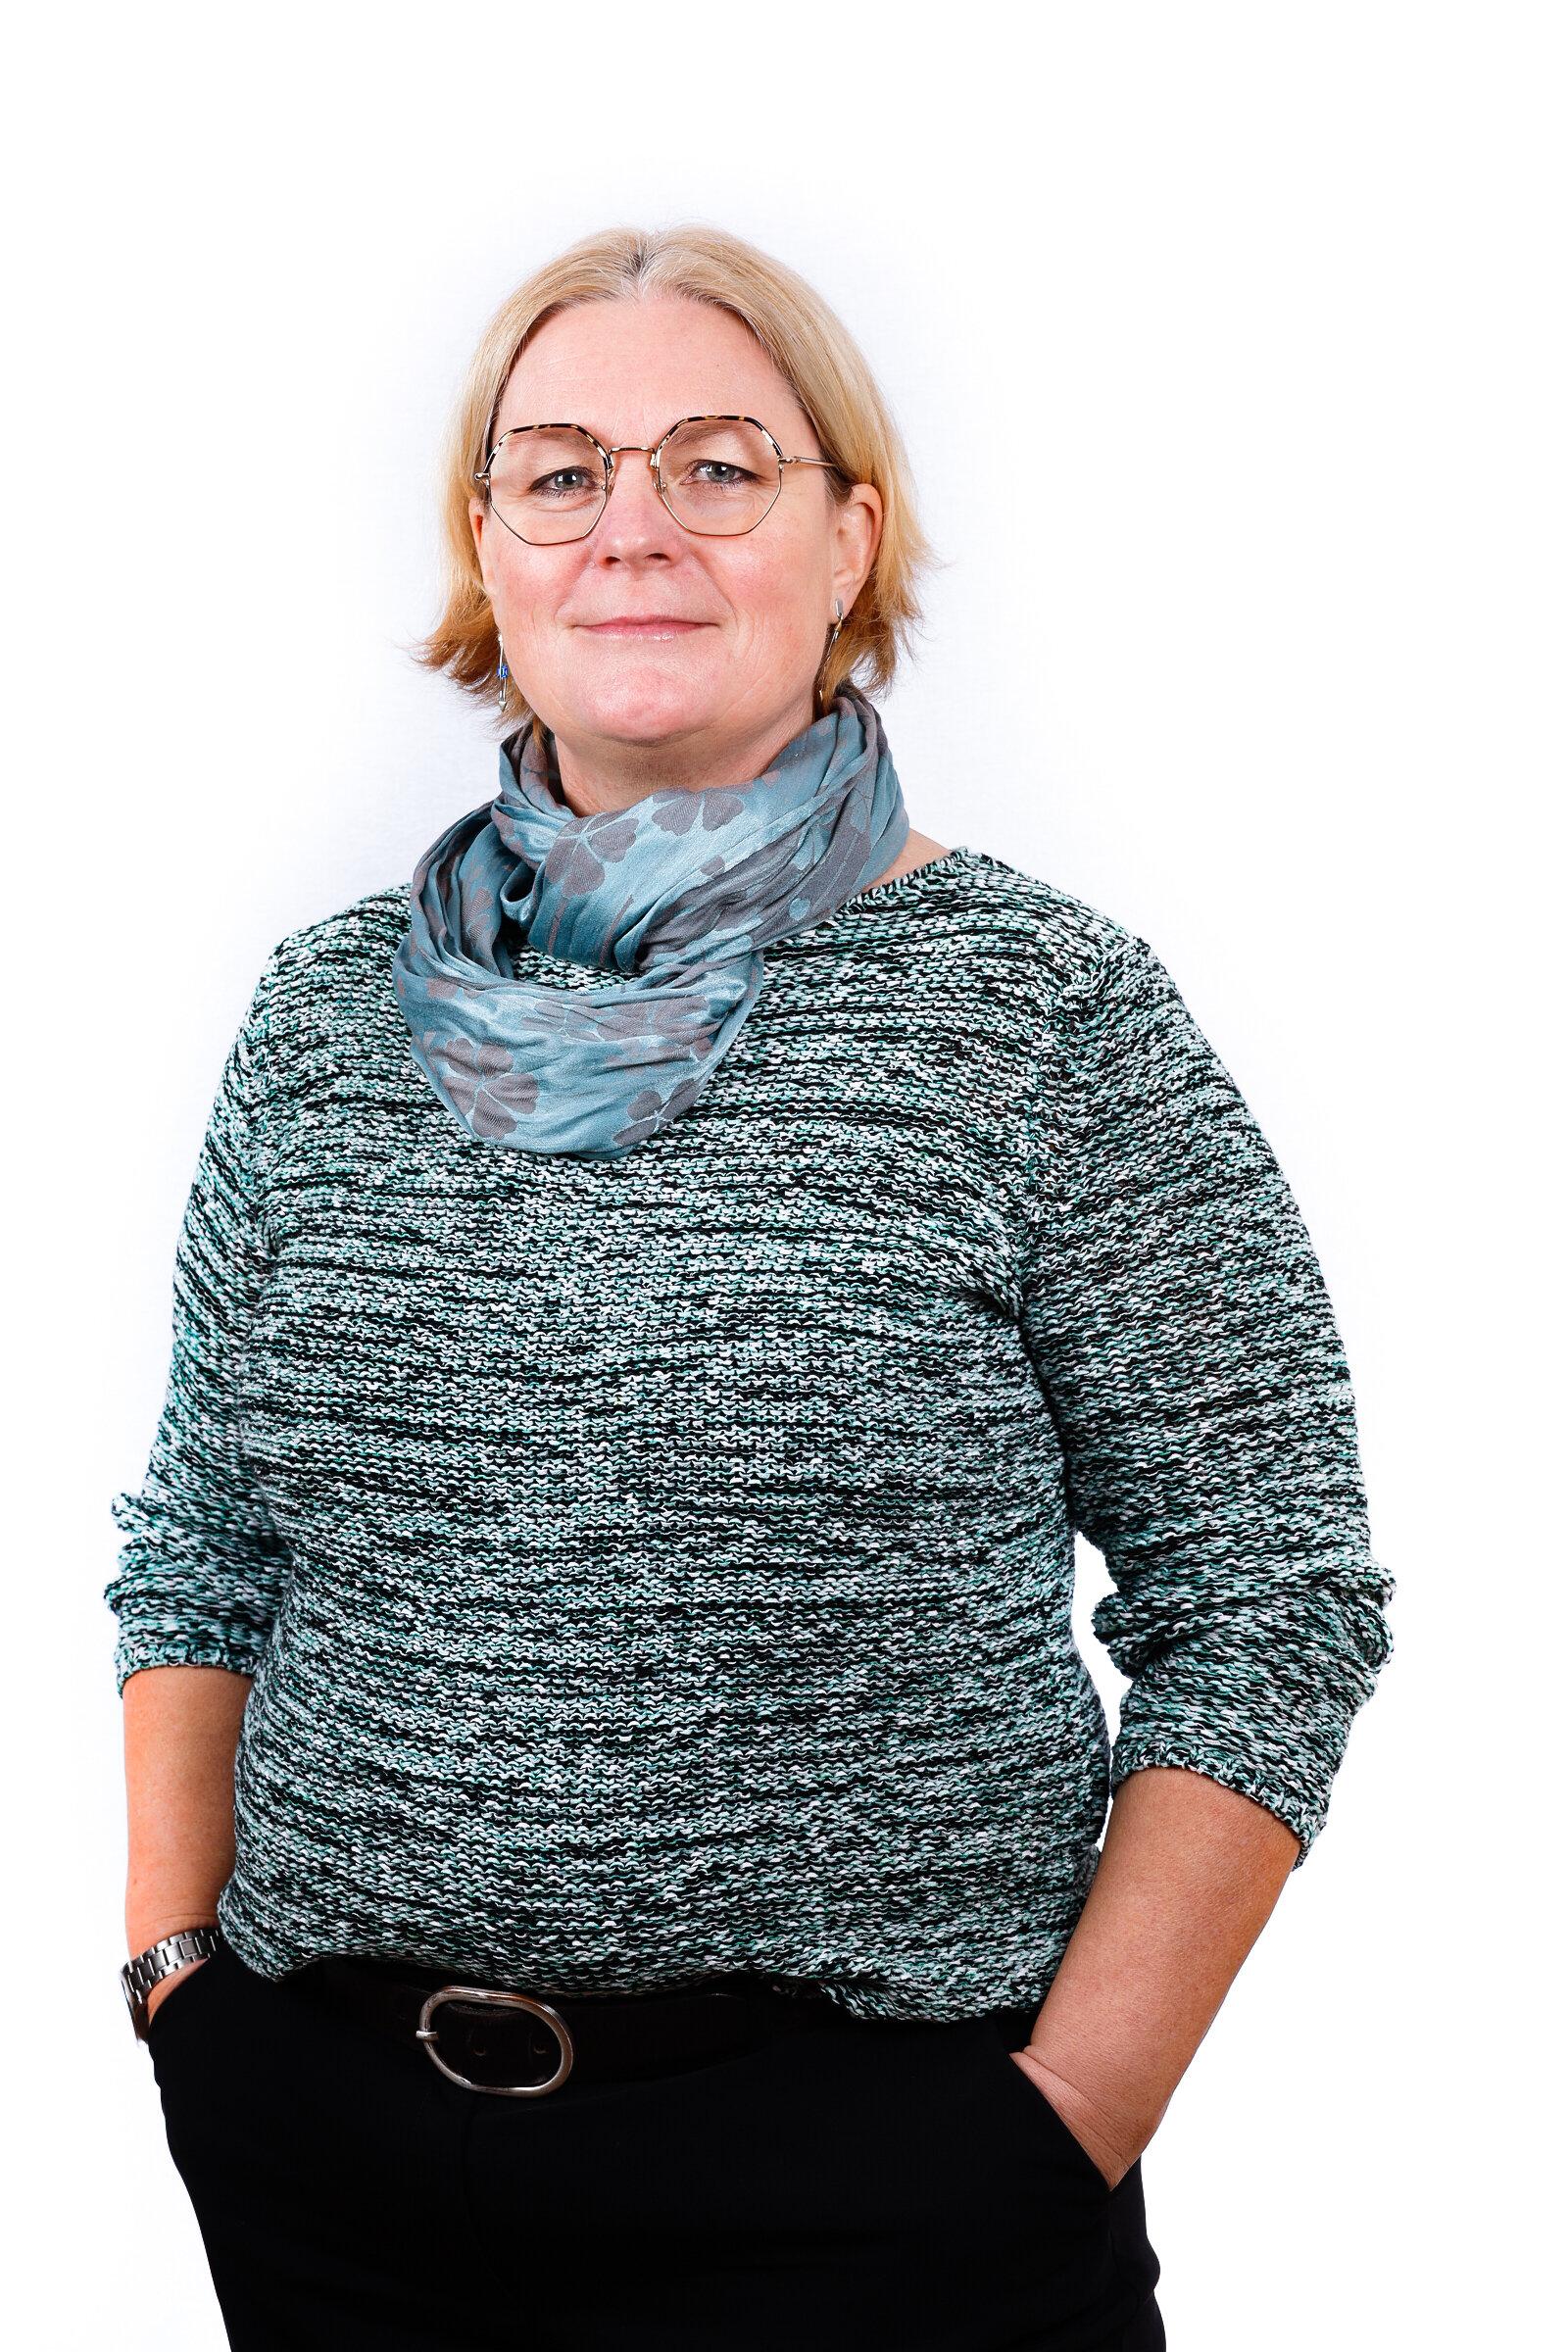 Annette Stierig